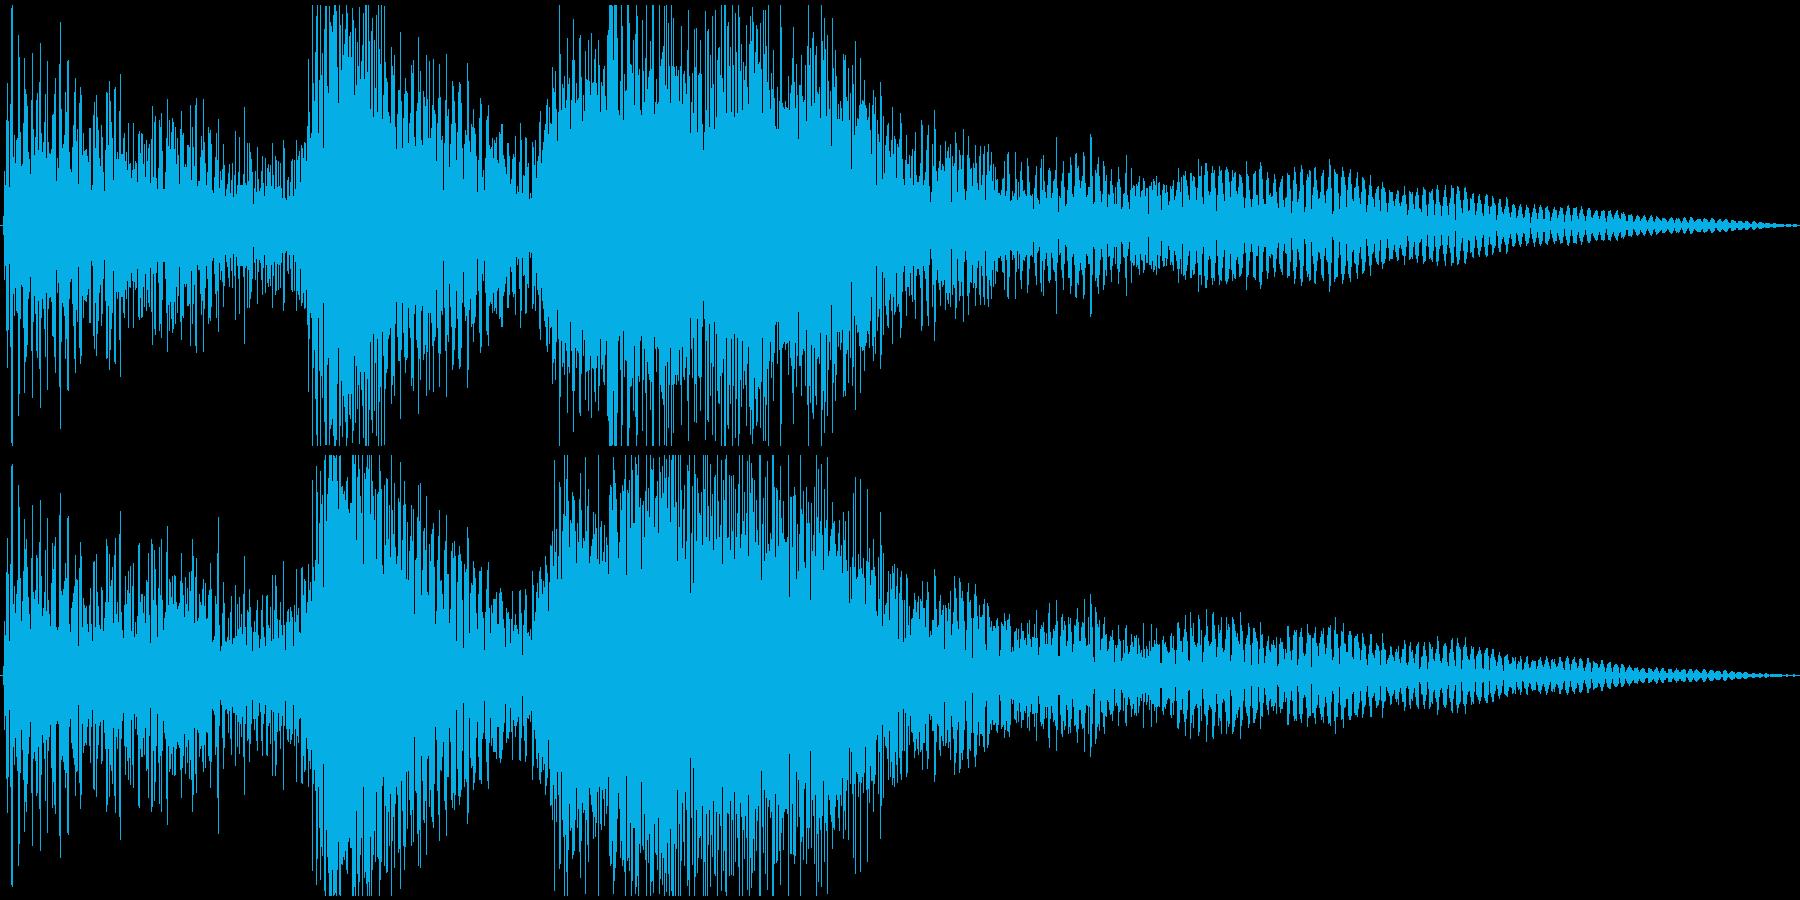 軽く短めのシンフォニー系ファンファーレの再生済みの波形